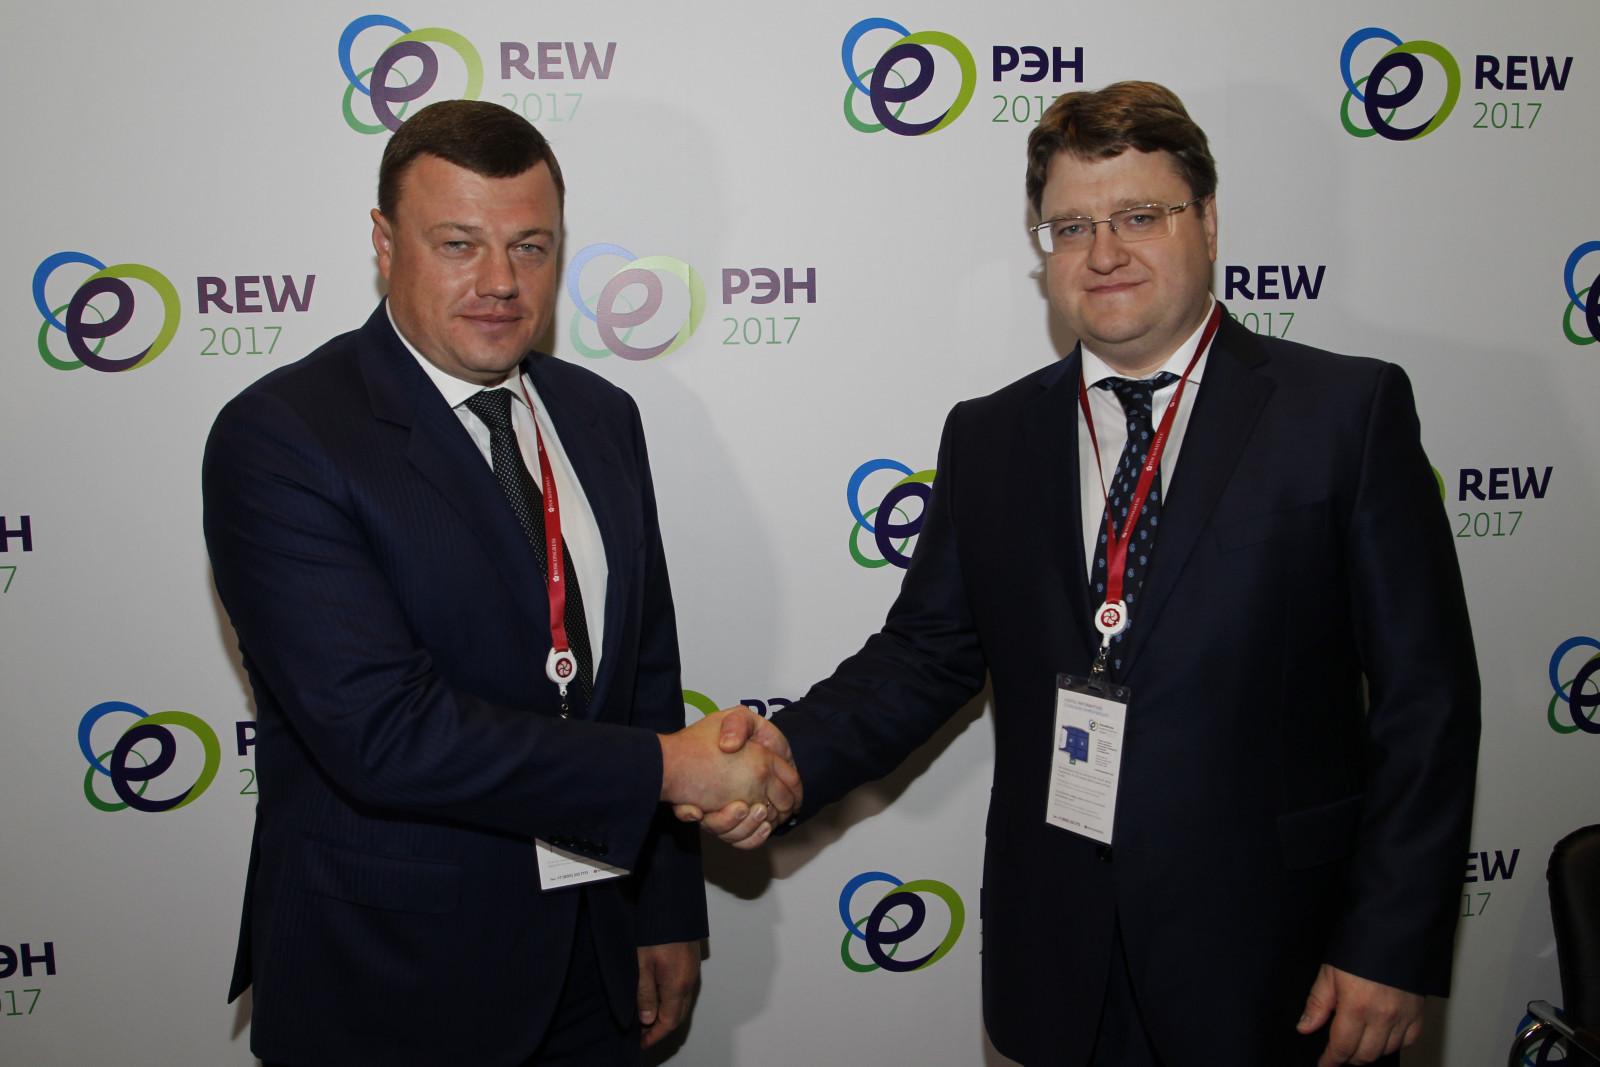 Губернатор Александр Никитин и генеральный директор ПАО «Квадра» Семен Сазонов подписали Протокол о намерениях взаимодействия по развитию сферы теплоснабжения региона